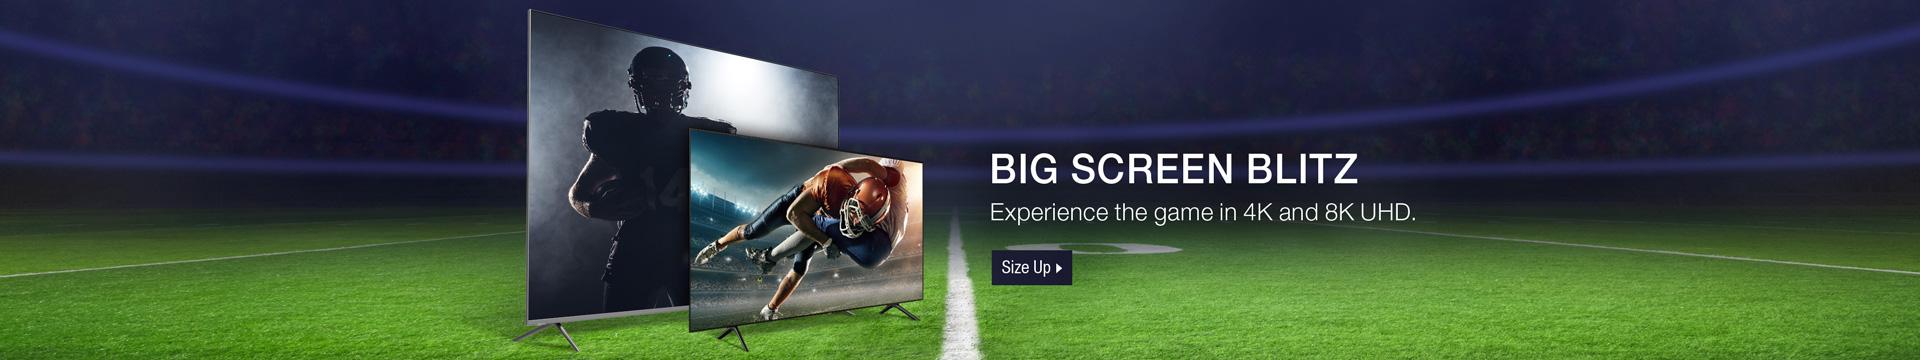 Big Screen Blitz